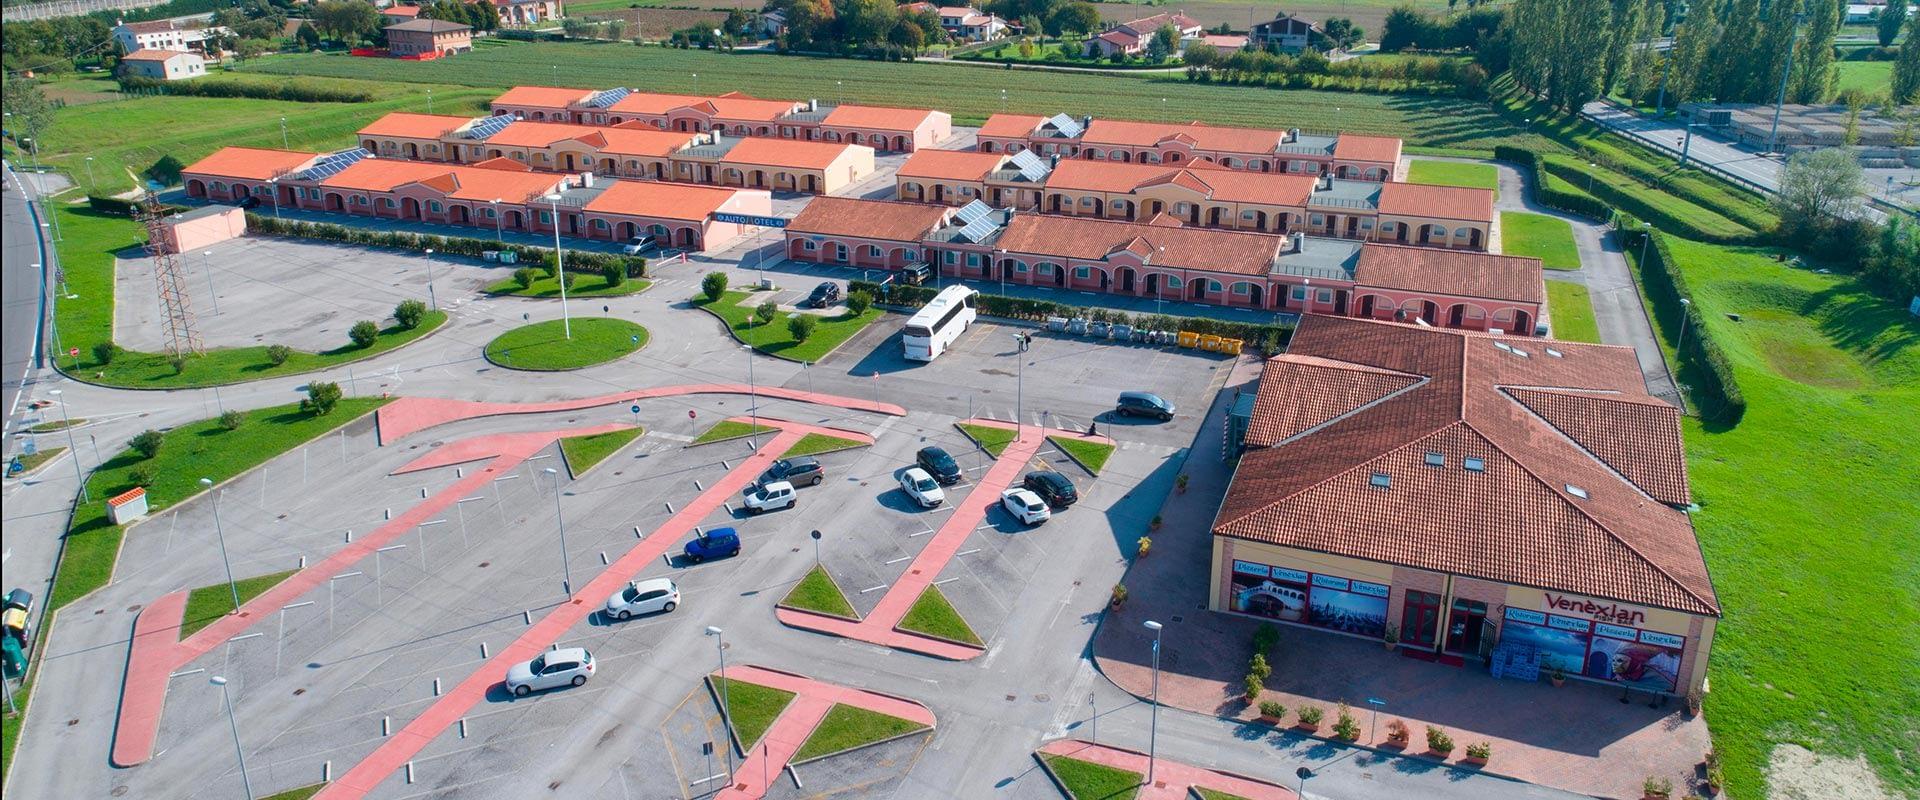 Autohotel Venezia - vista aerea